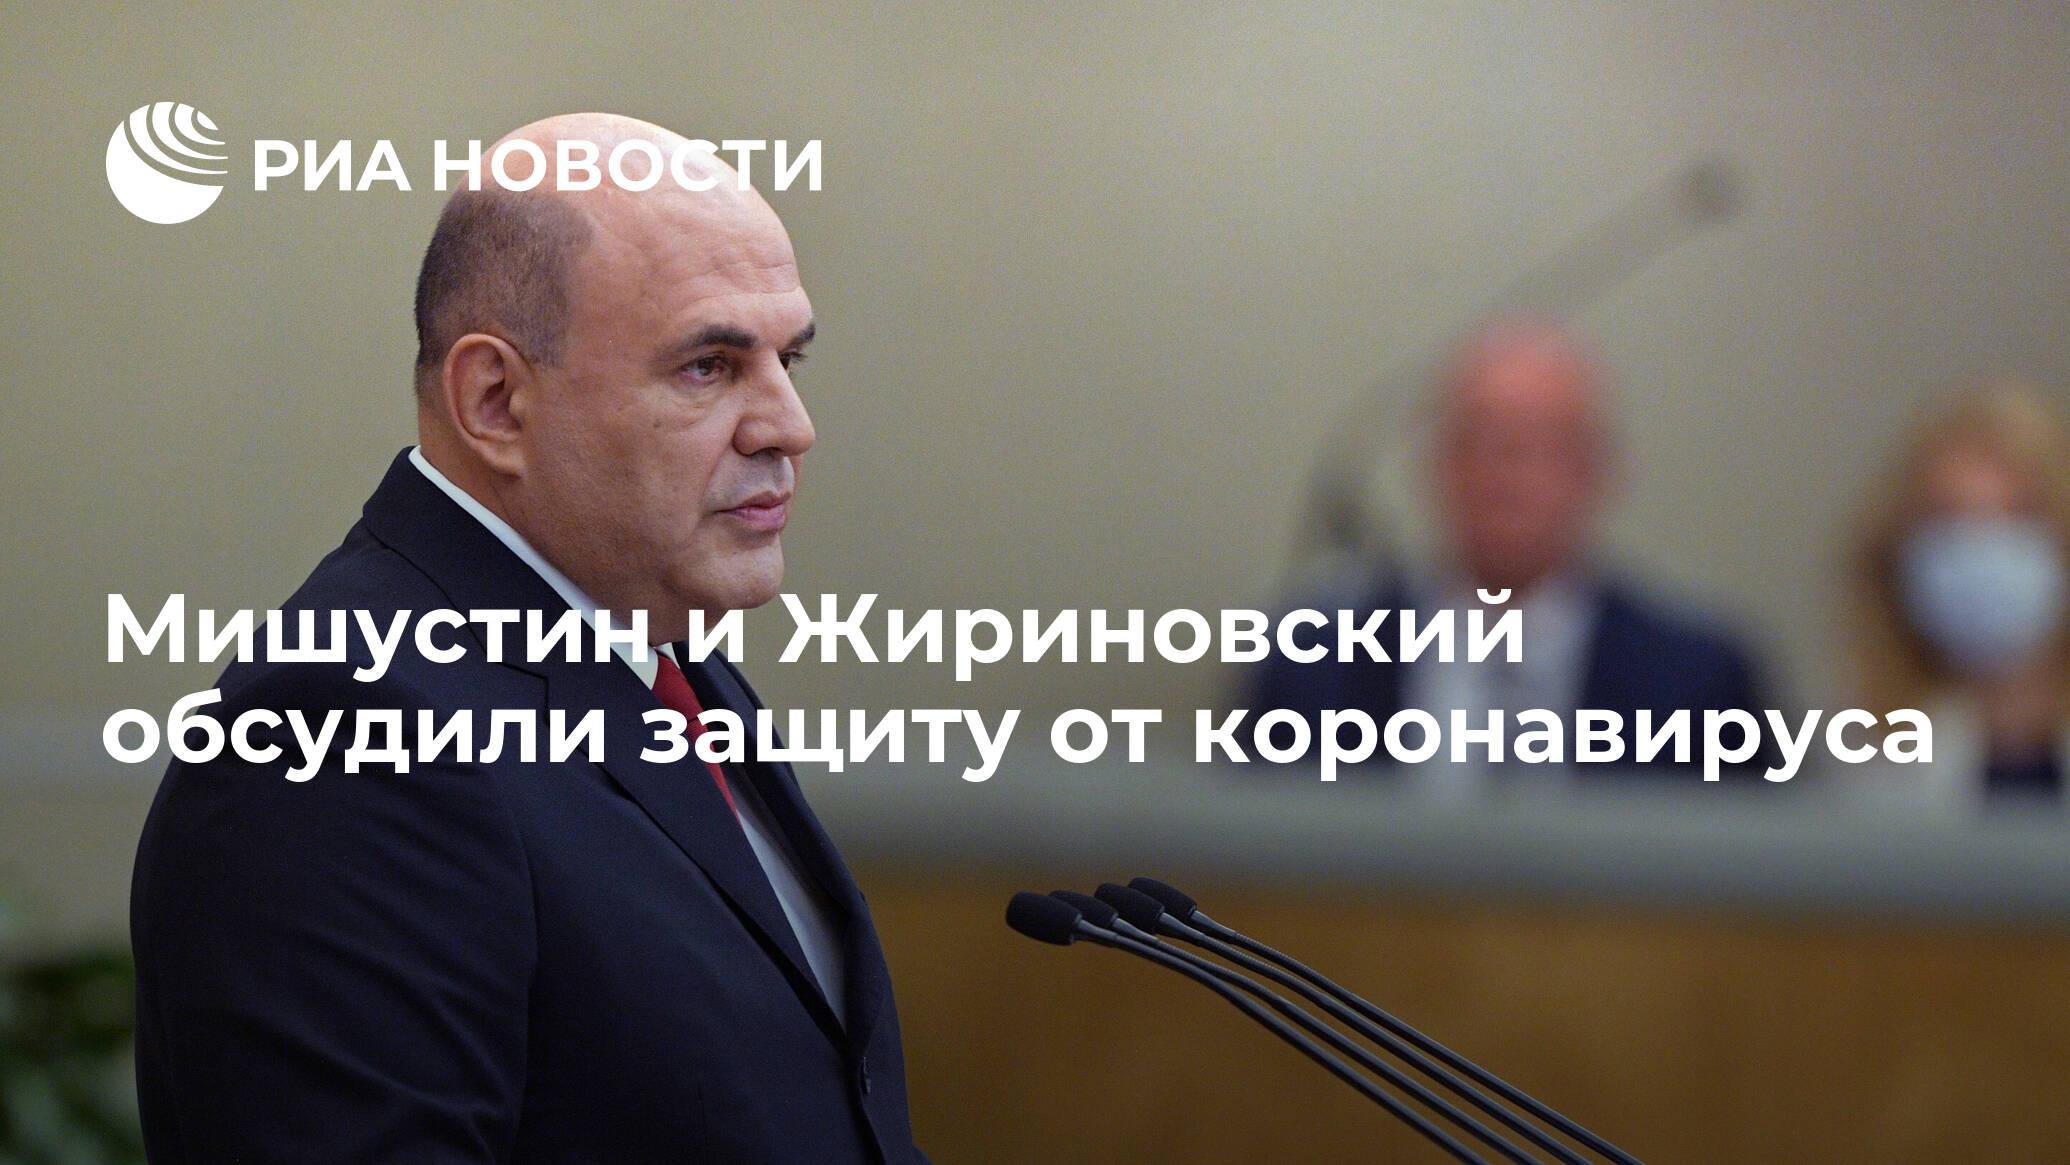 Мишустин и Жириновский обсудили защиту от коронавируса